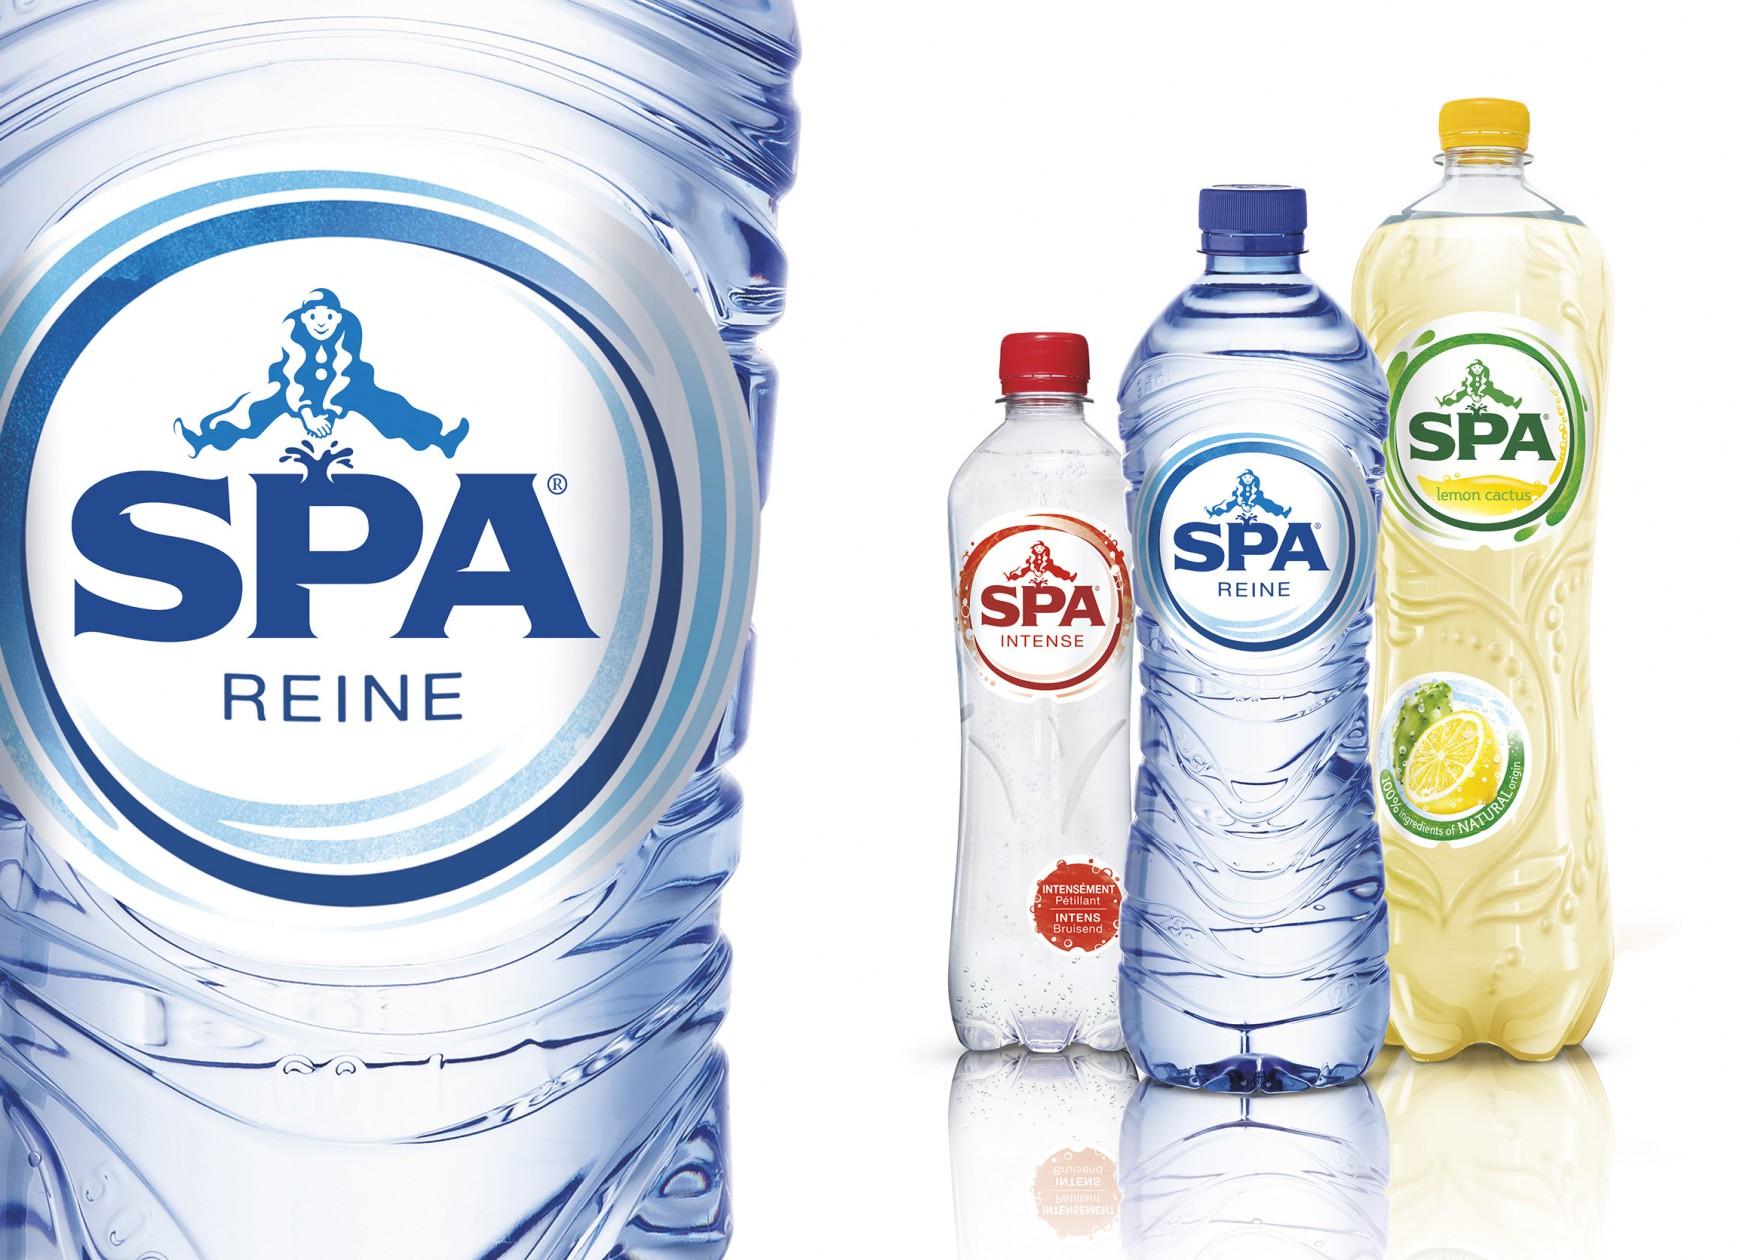 Quatre Mains - Spa bottles